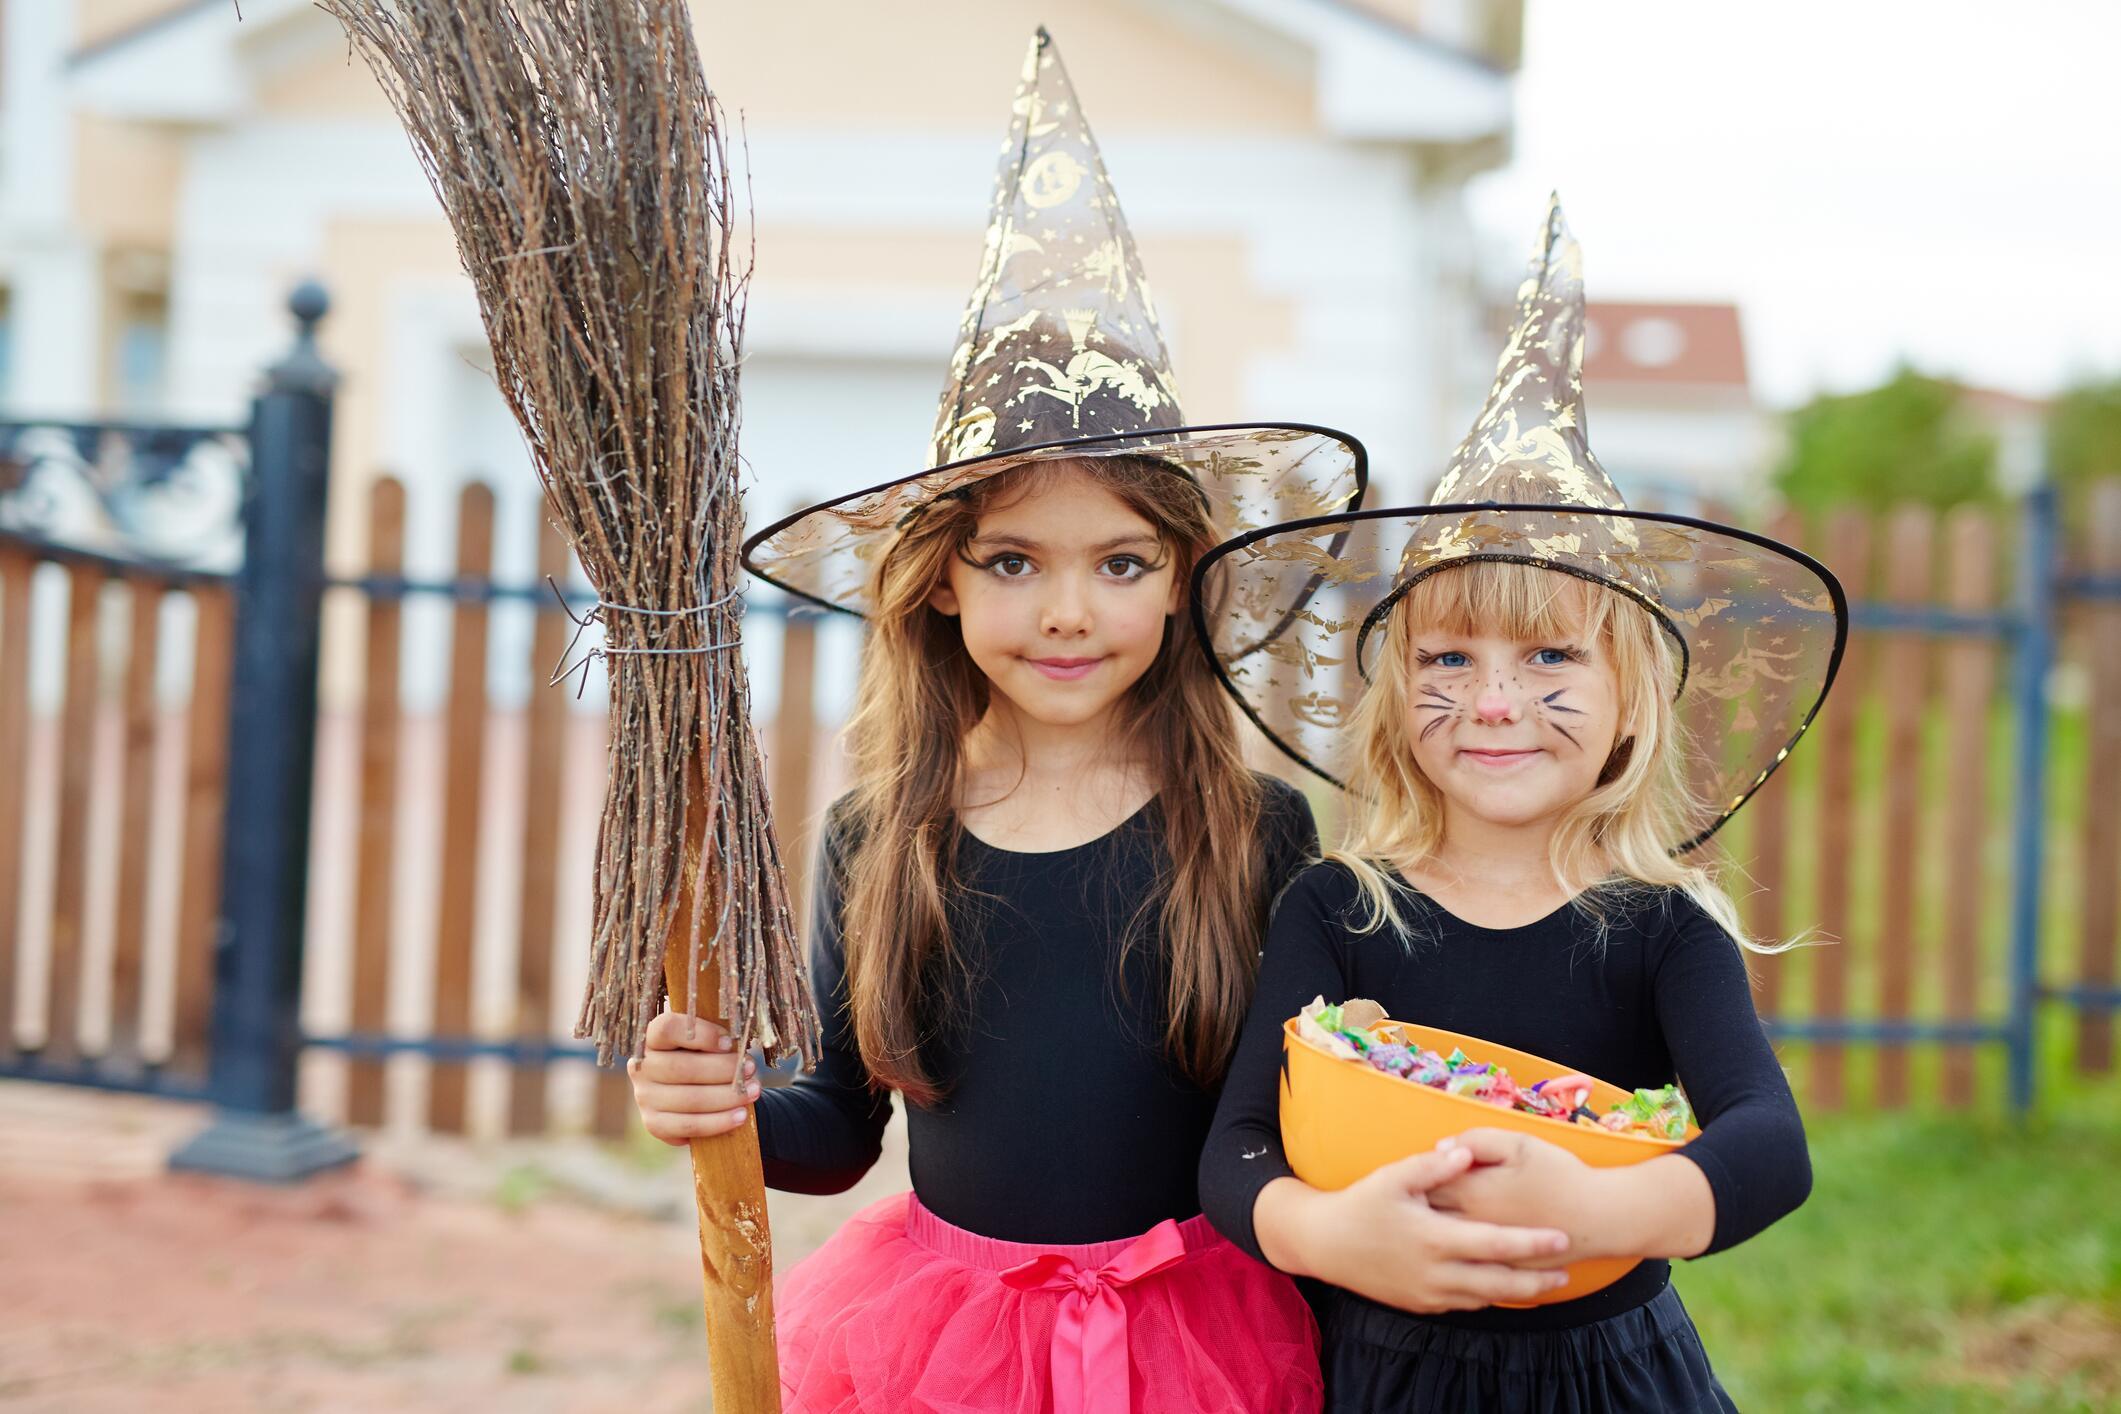 8c20705f438ed Tolle Halloween-Kostüme für Kinder, Damen und Herren | GMX.AT